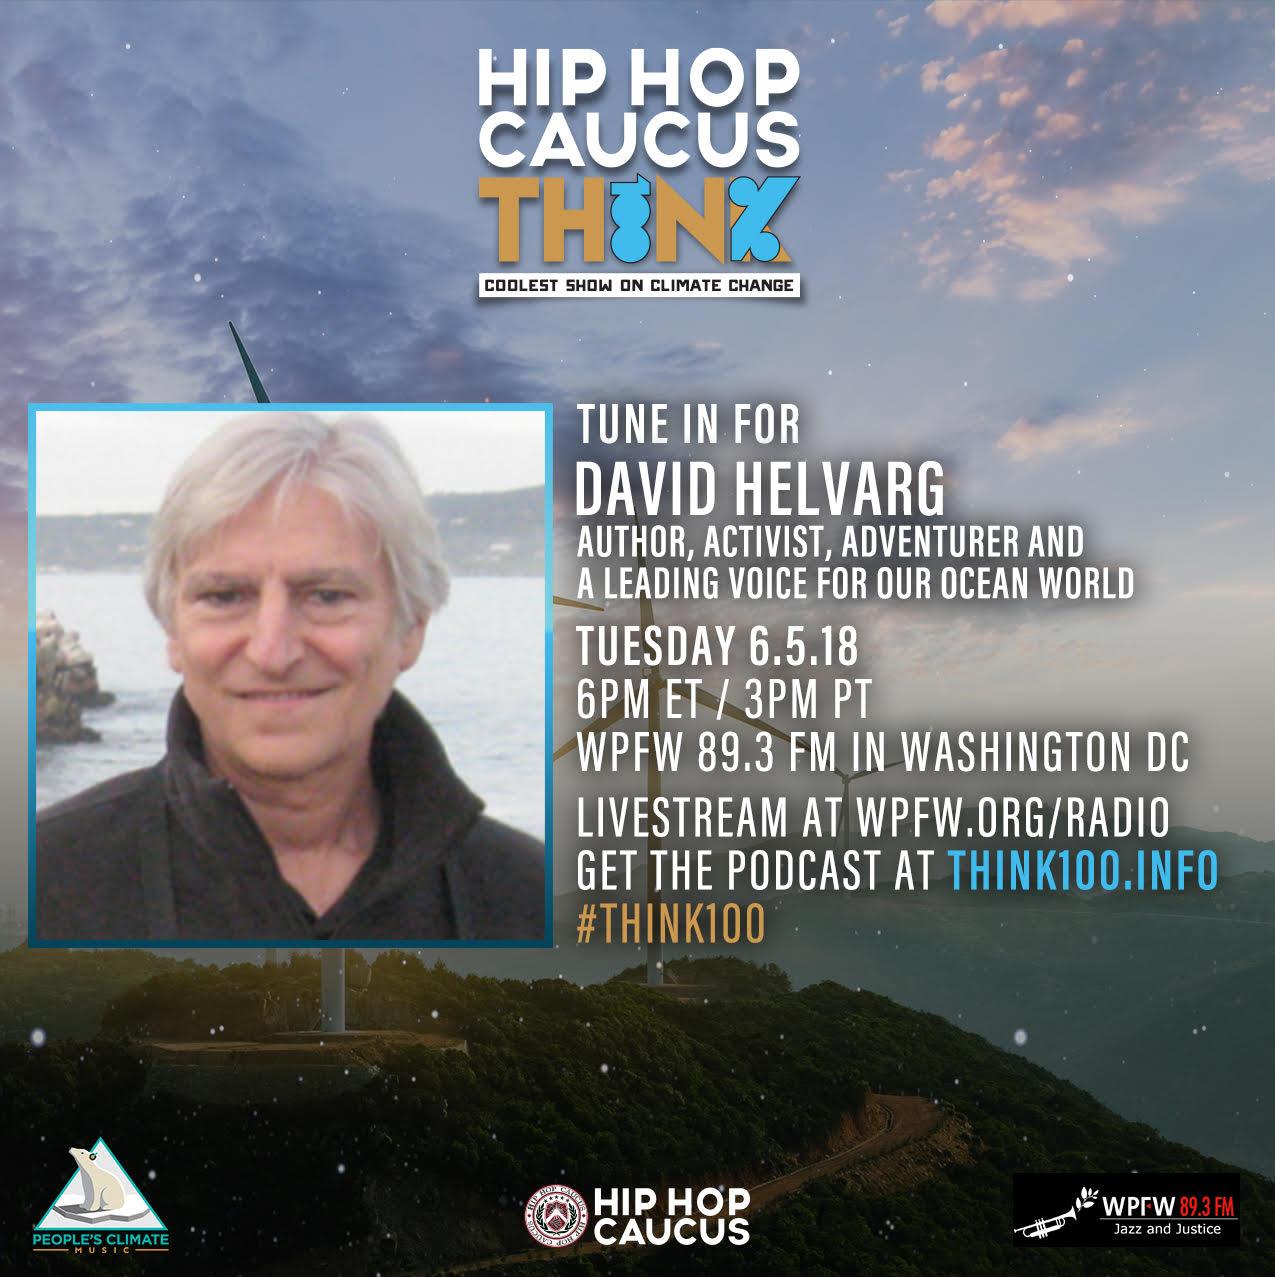 David Helvarg